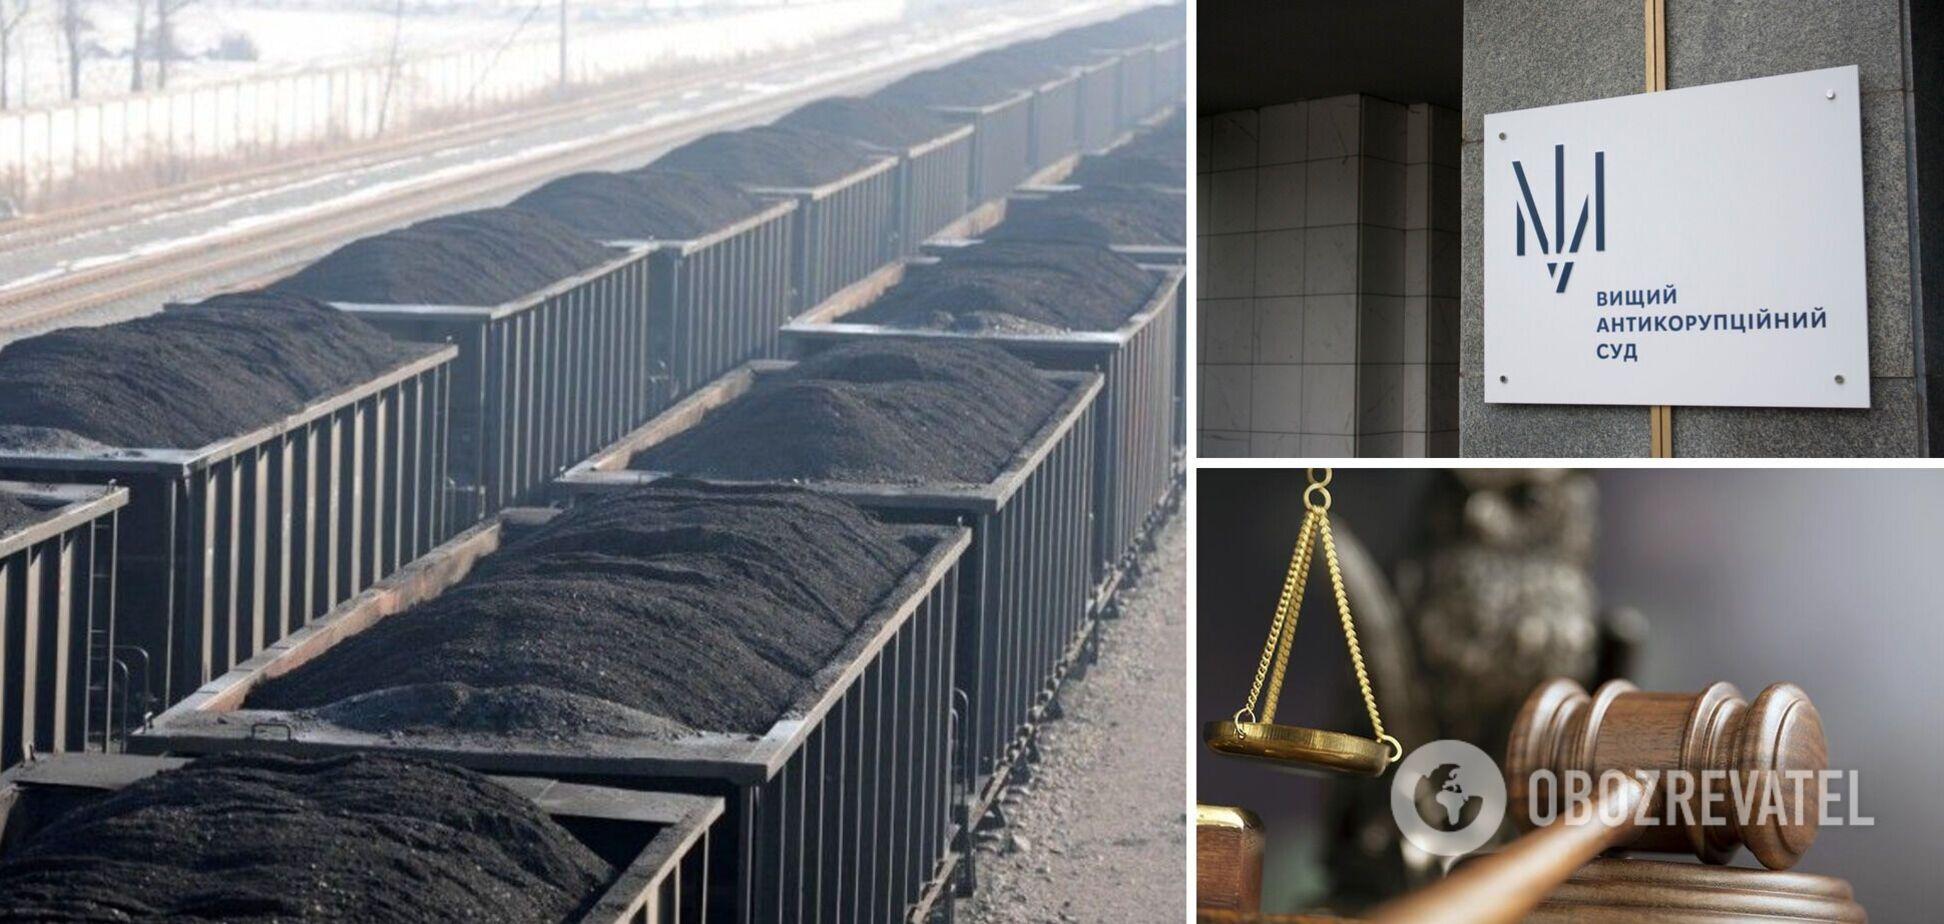 Все стороны по делу 'Роттердам+' смогли приобщить к материалам дела любые доказательства и документы.